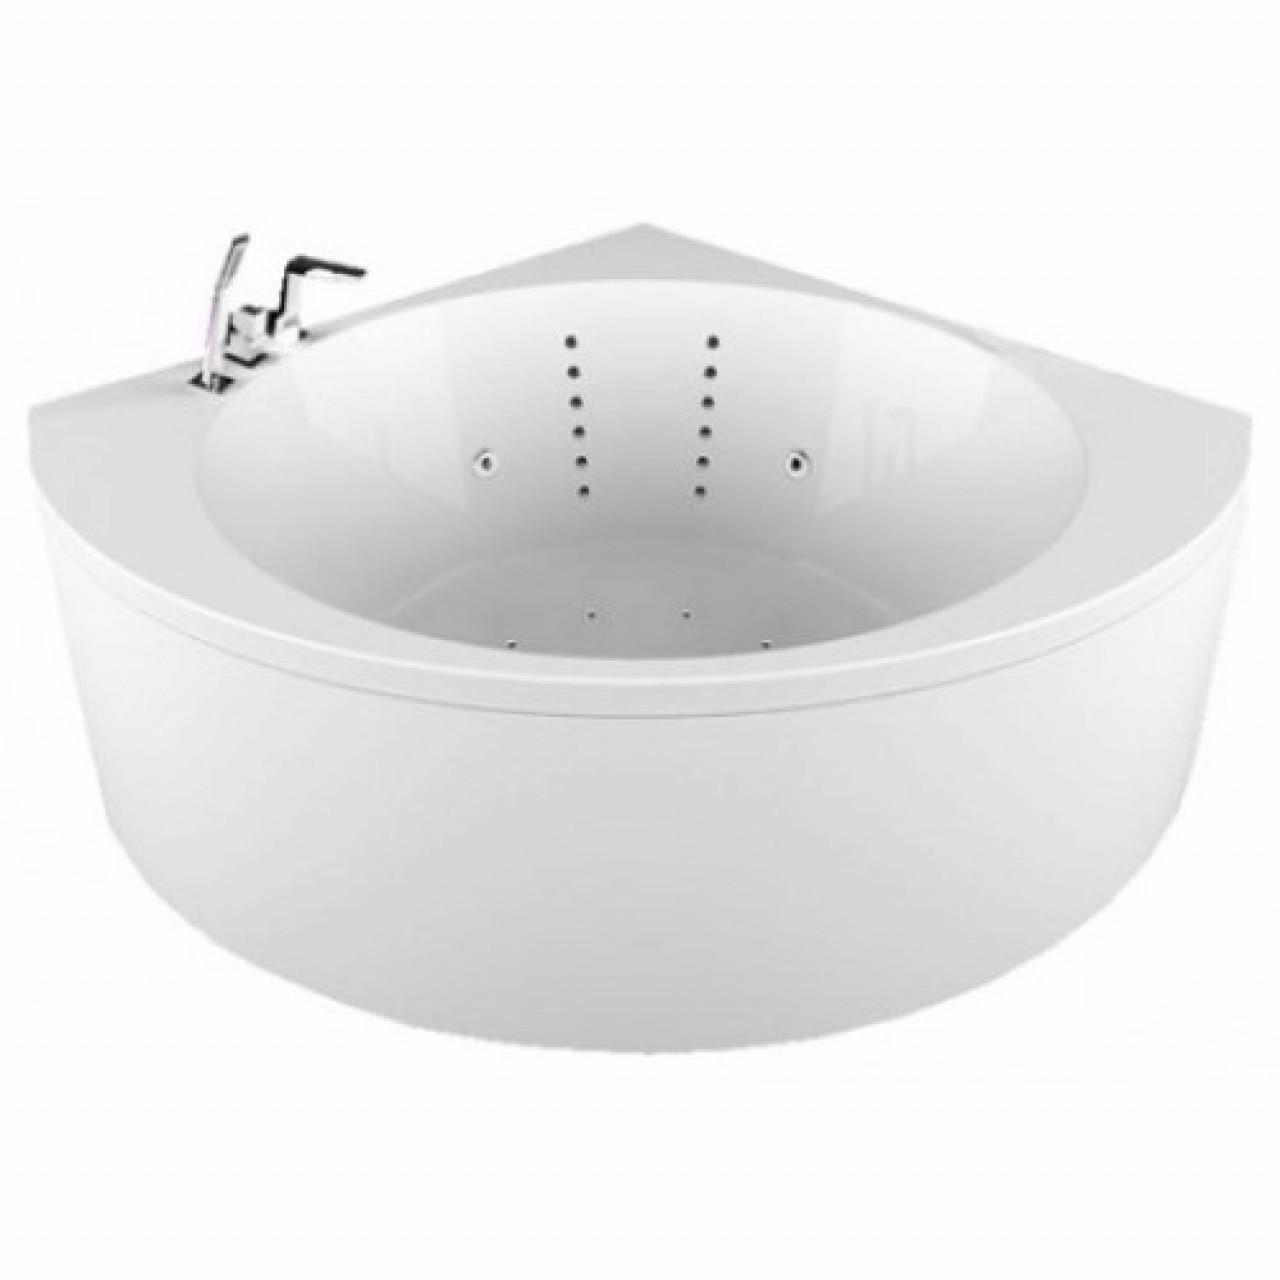 Акриловая ванна Акватика Эстрада Reflexa 136x136х63 купить в Москве по цене от 136312р. в интернет-магазине mebel-v-vannu.ru